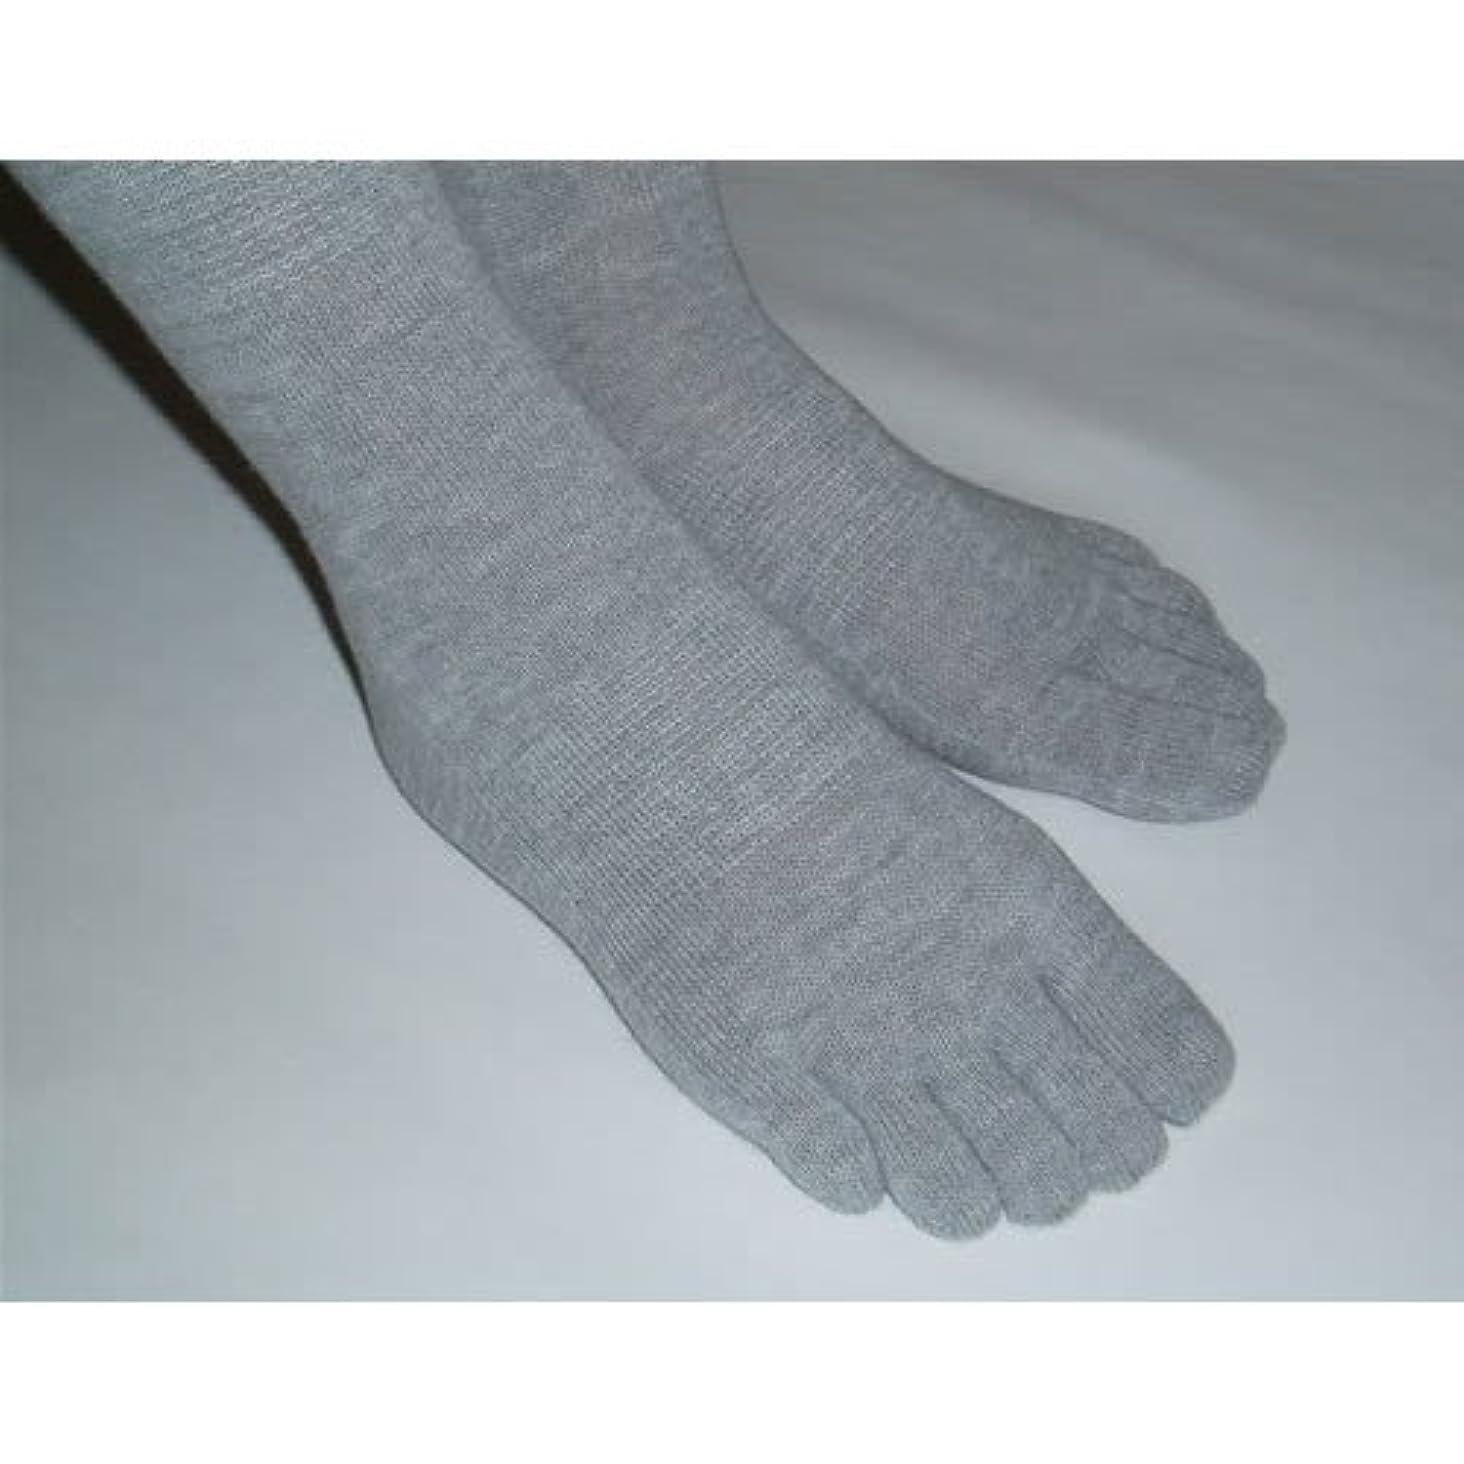 熱心な意義田舎5本指ソックス 婦人(22-24cm)サイズ 【炭の靴下】